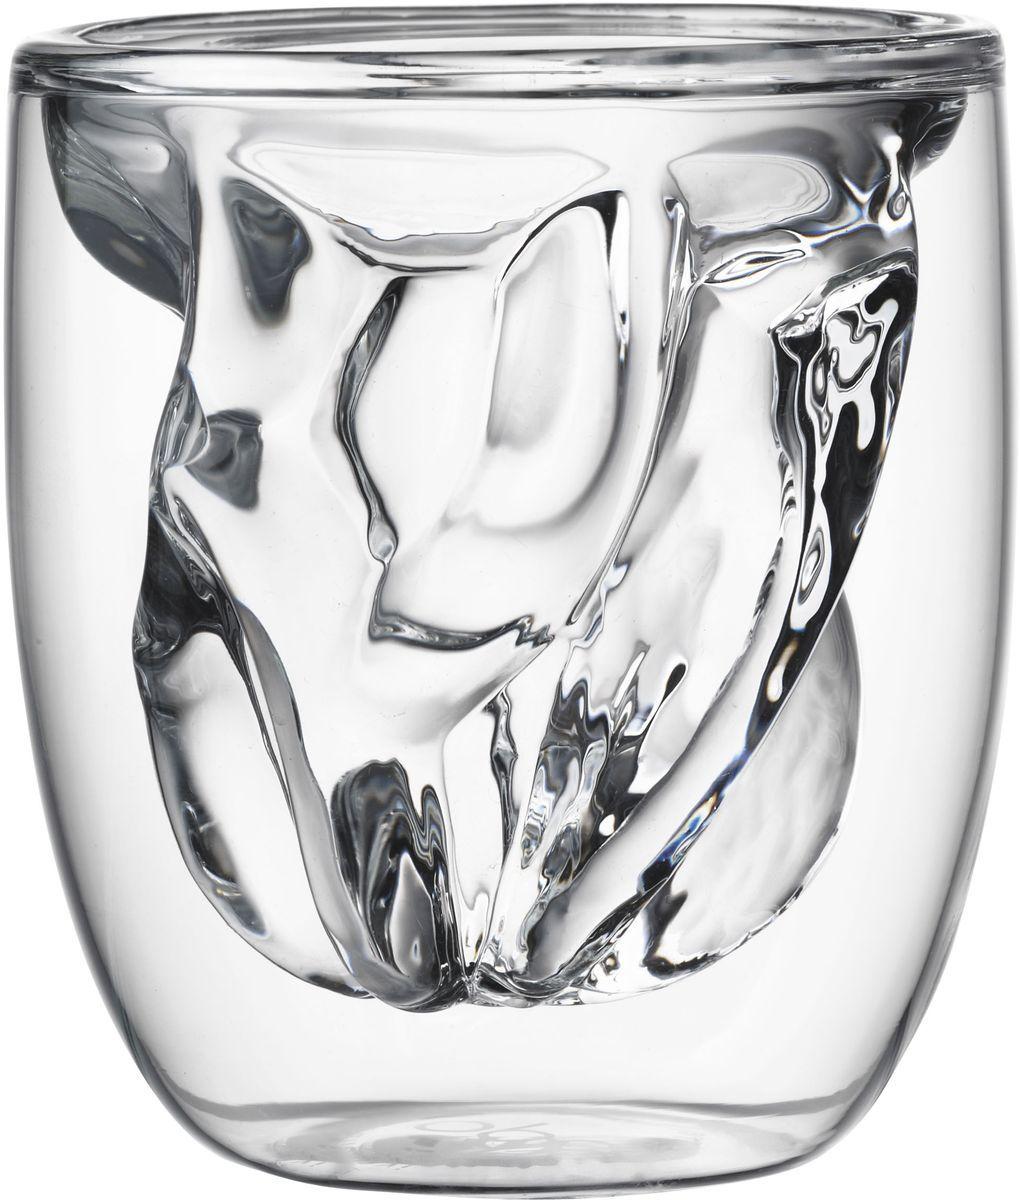 Набор стаканов QDO Elements Earth, 75 мл, 2 штVT-1520(SR)Набор Elements - это оригинальные стаканы с двойными стенками и оригинальным дизайном, изображающим главные элементы природы. Выполнен из боросиликатного стекла, устойчивого к перепадам температур. Каждый стакан состоит из двух форм: классическая внешняя позволит держать емкость с горячим содержимым в руке без риска обжечься, а модифицированная внутренняя придаст вашим напиткам необычный вид. Стаканы станут идеальным украшением барной стойки, вечеринки или просто домашней коллекции. Объем - 75 мл. Можно мыть в посудомоечной машине.